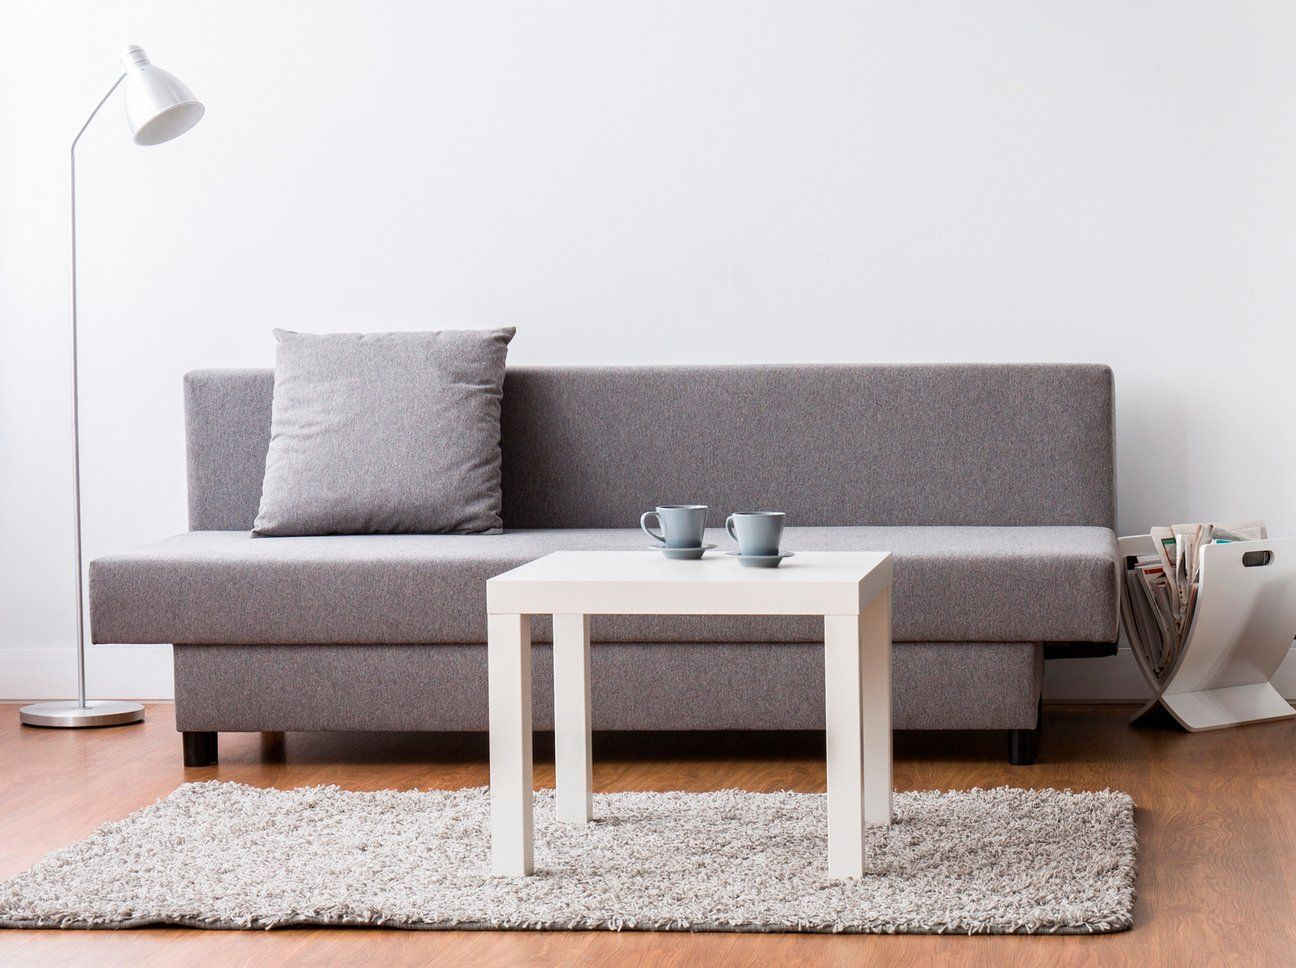 ein kleiner ikea tisch der noch so viel mehr kann eg ikea tisch ikea lack tisch und ikea. Black Bedroom Furniture Sets. Home Design Ideas